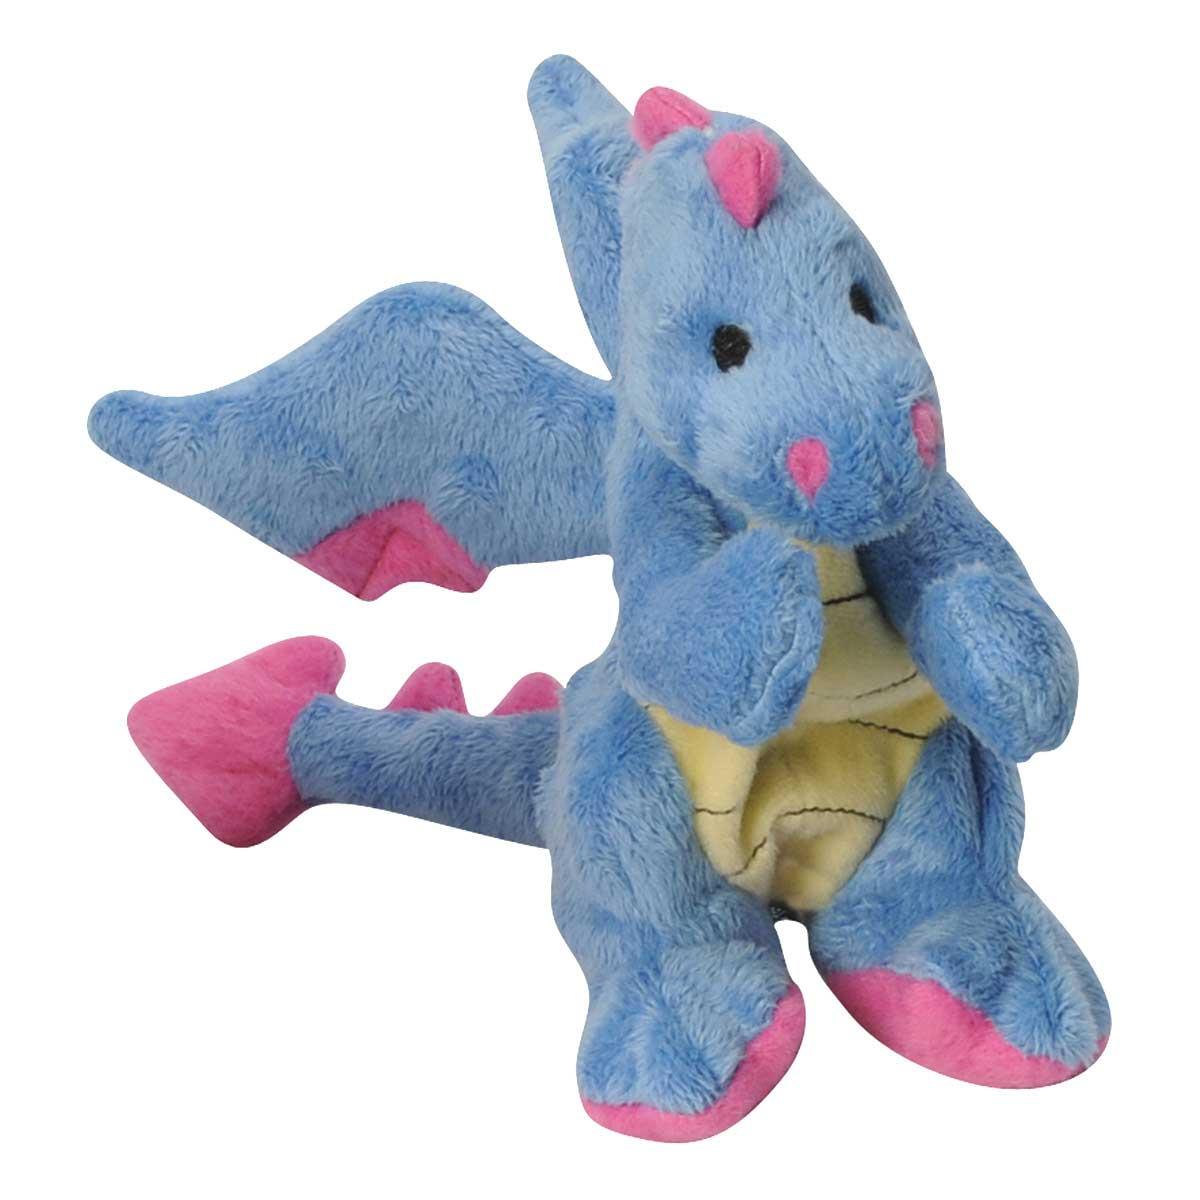 goDog Plush Dragon Dog Toy - Periwinkle Large 8 inch